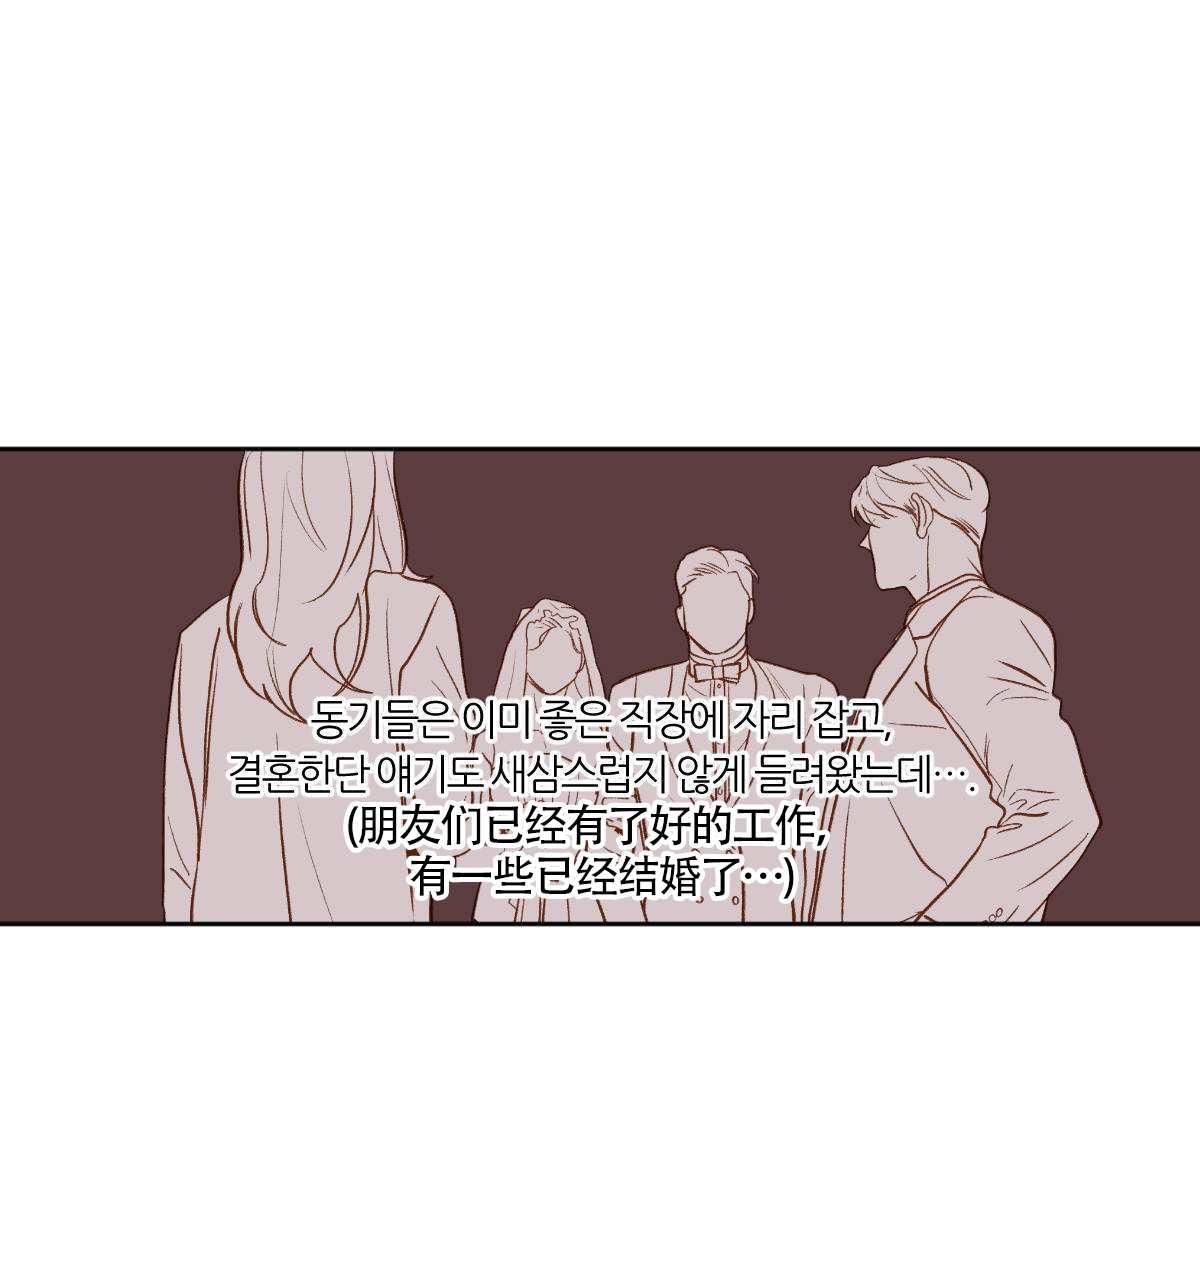 韩漫《新入职员》撩走办公室最可怕的大魔王!  第27张